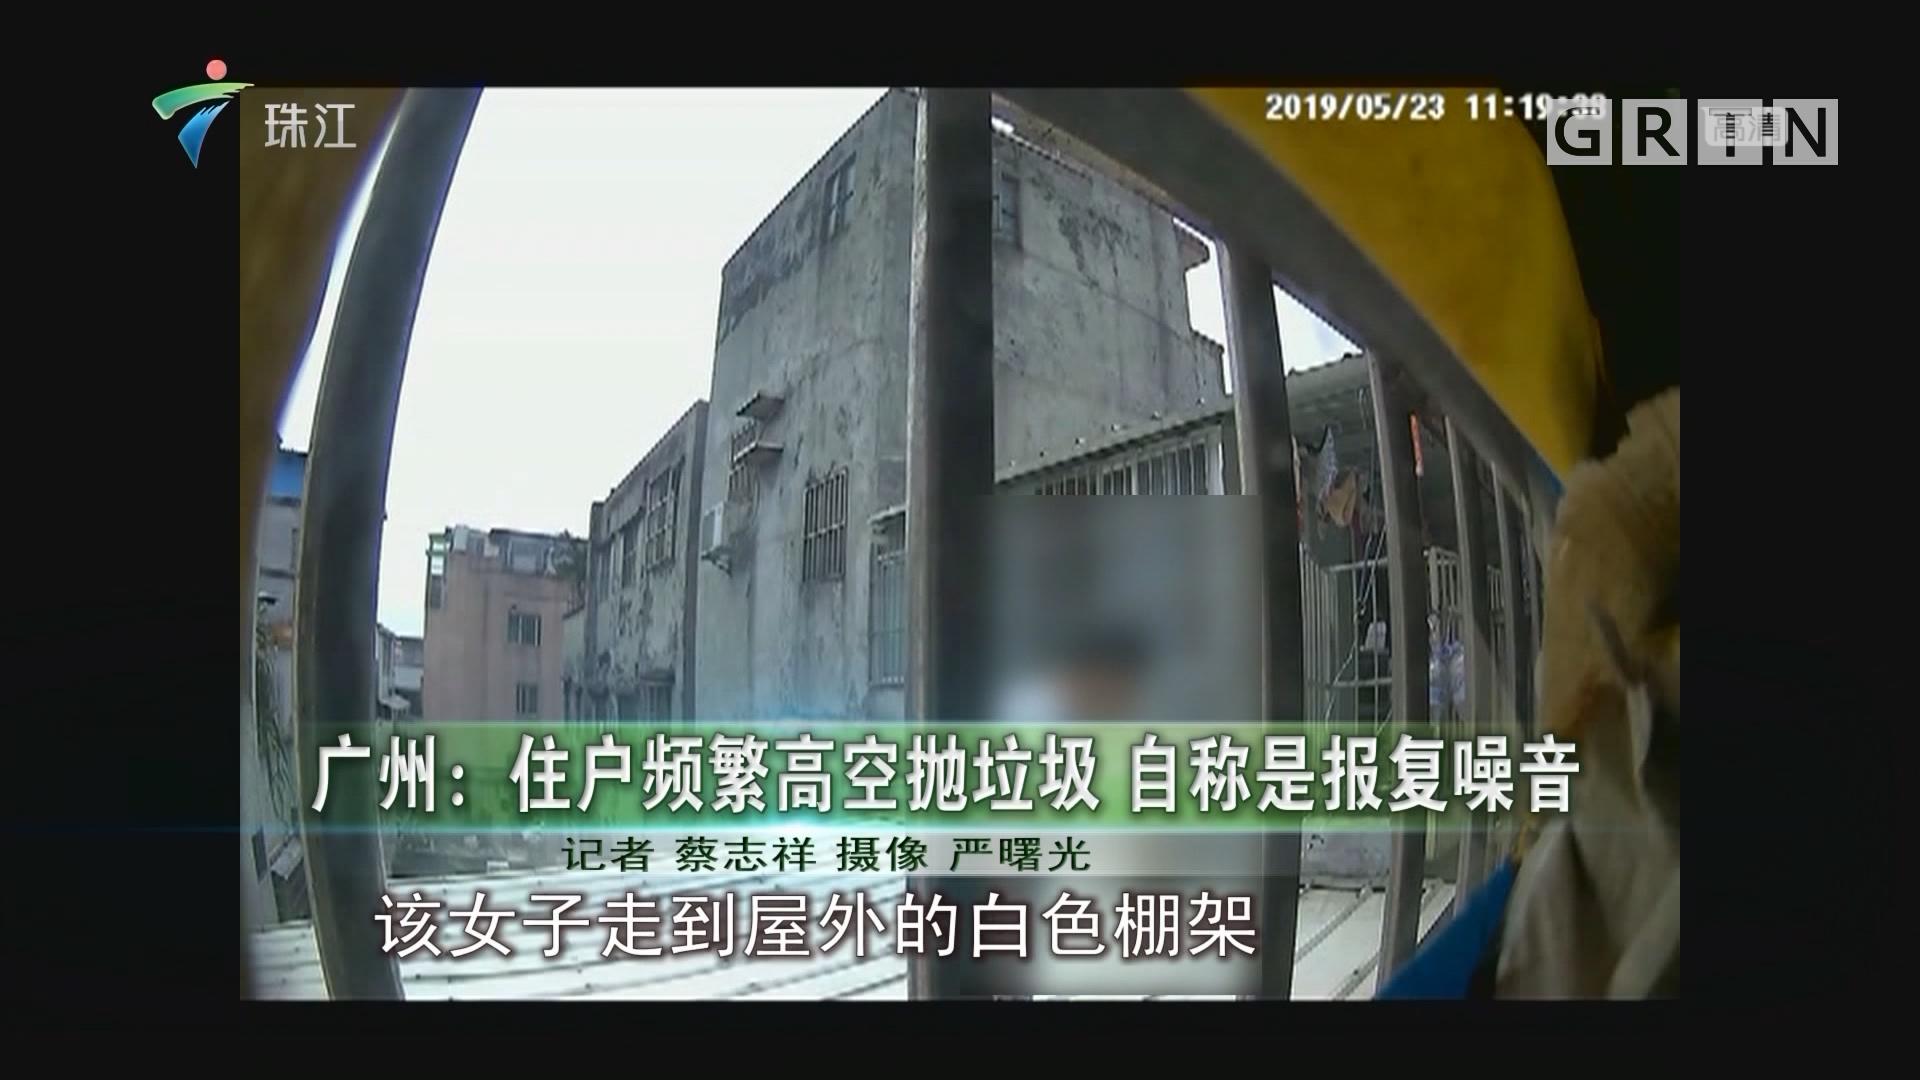 广州:住户频繁高空抛垃圾 自称是报复噪音